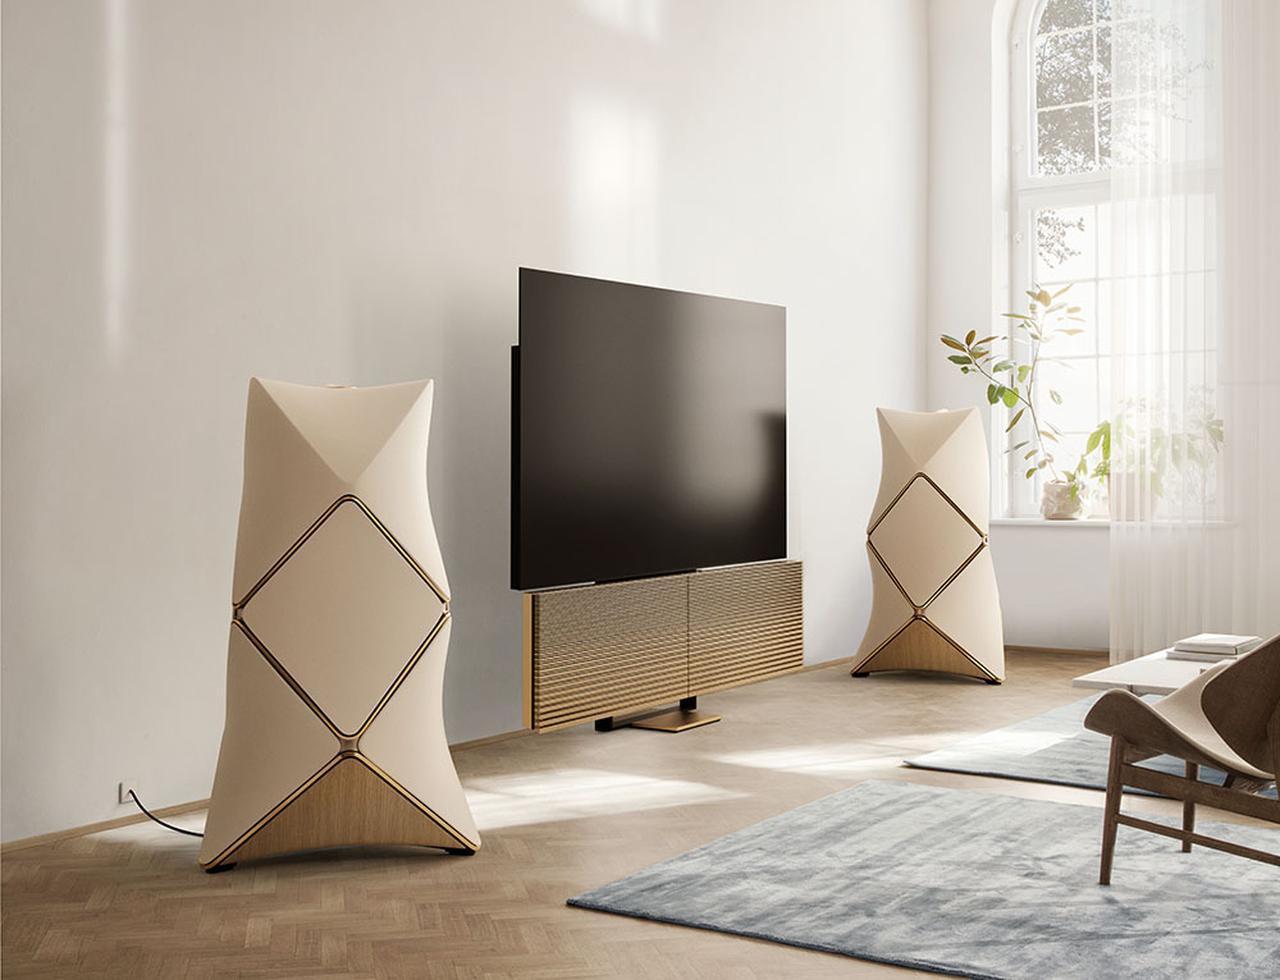 画像: Bang & Olufsenが限定ラインの「Golden Collection」9モデルを発表。家族や仲間と家で過ごす大切な時間を祝福する為にデザインされた - Stereo Sound ONLINE